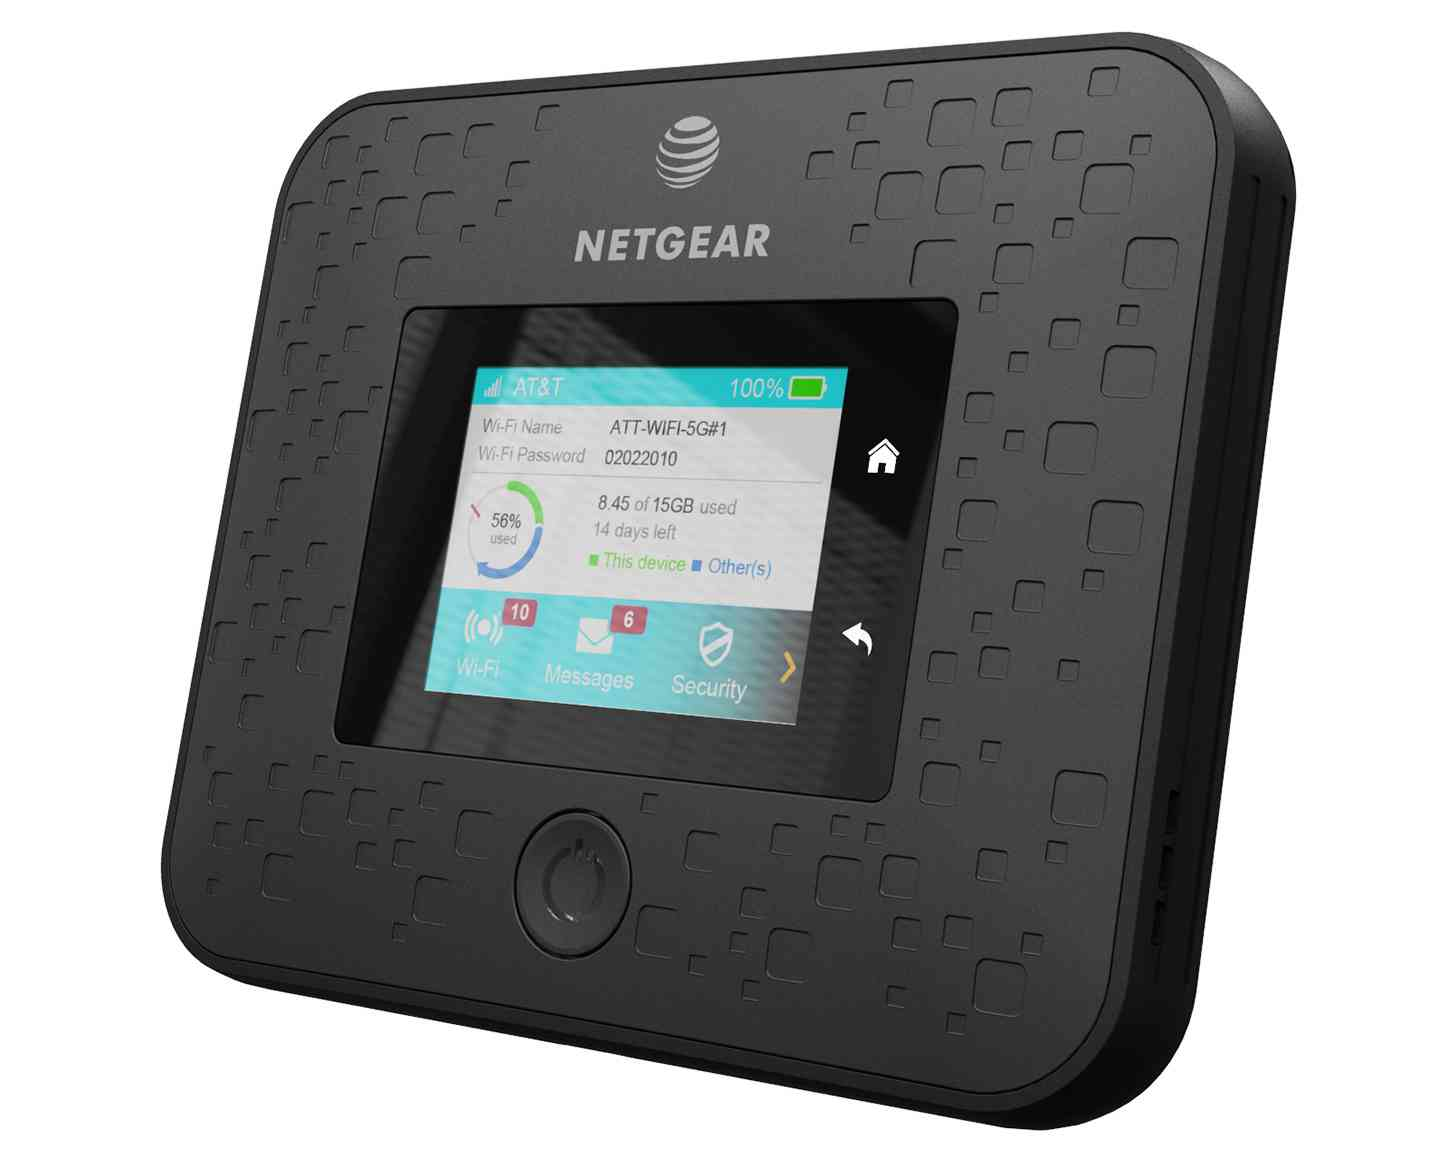 AT&T 5G Netgear Nighthawk Mobile Hotspot